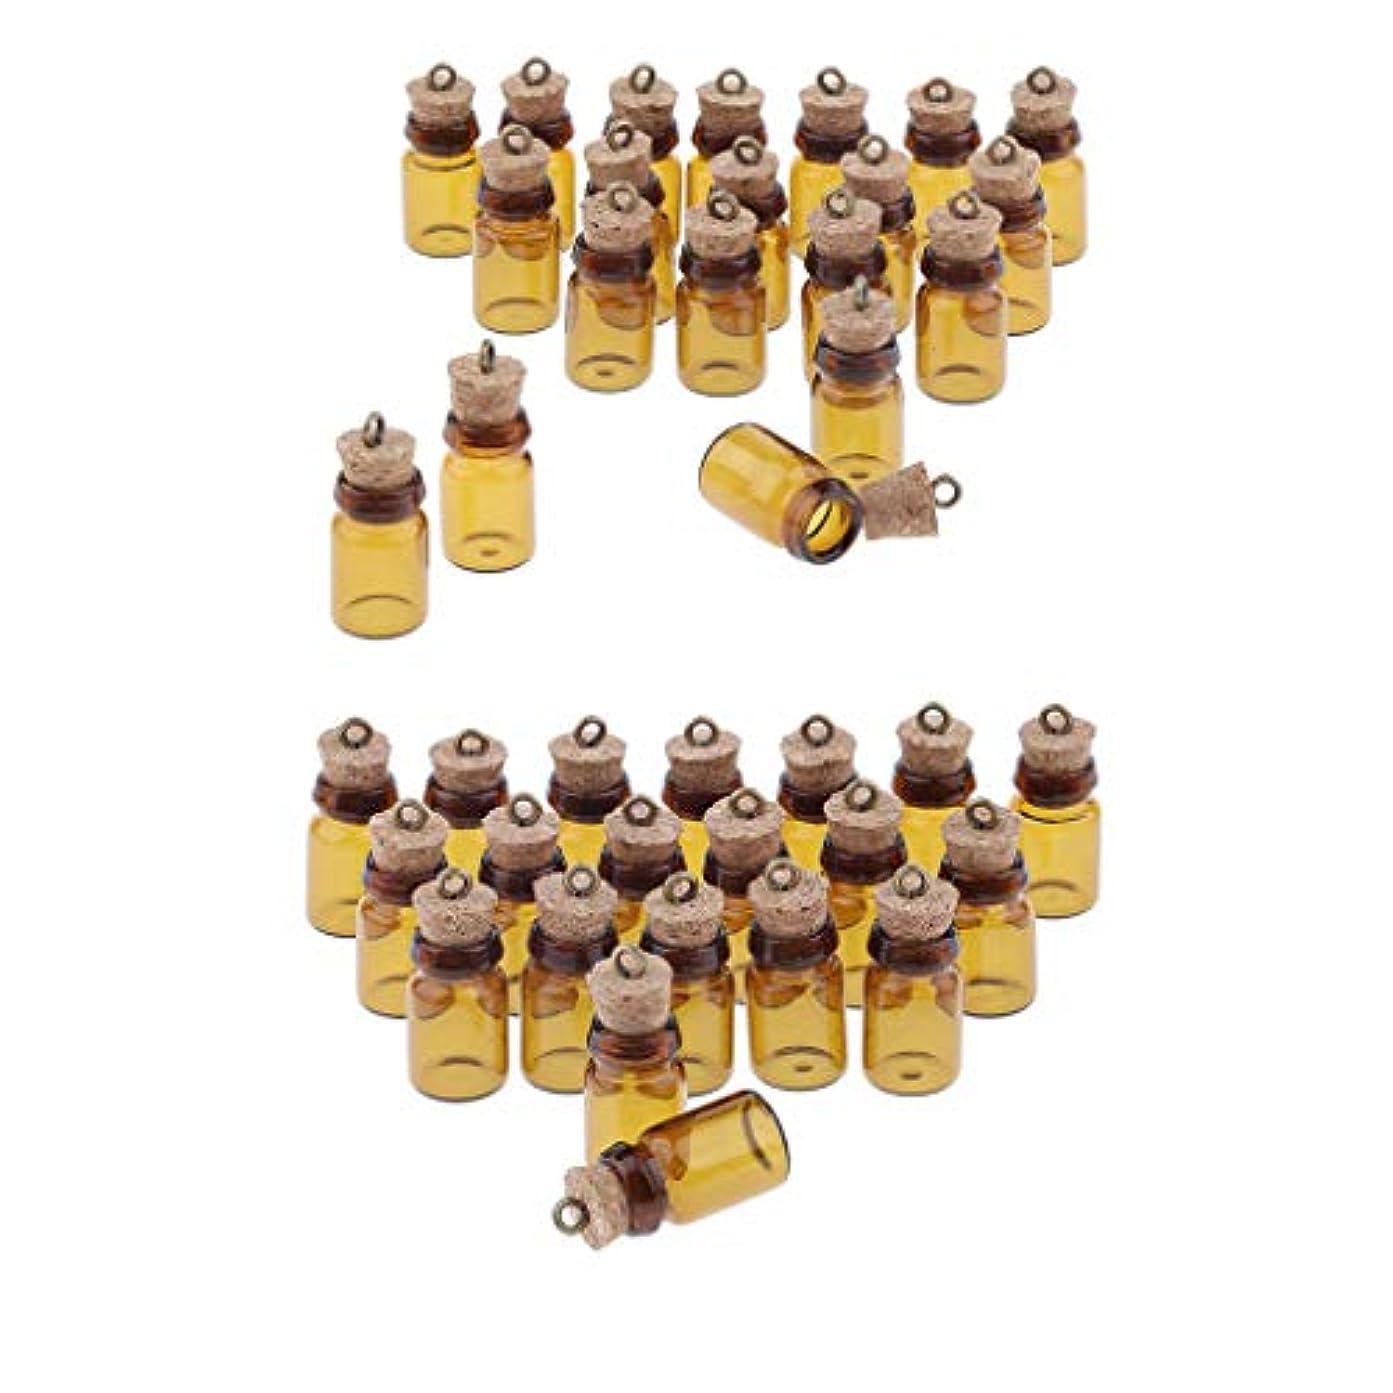 桃発音するアジャ遮光瓶 ガラス瓶 保存容器 コルク栓付き エッセンシャルオイル 香水 詰替え 収納アクセサリー 約20本